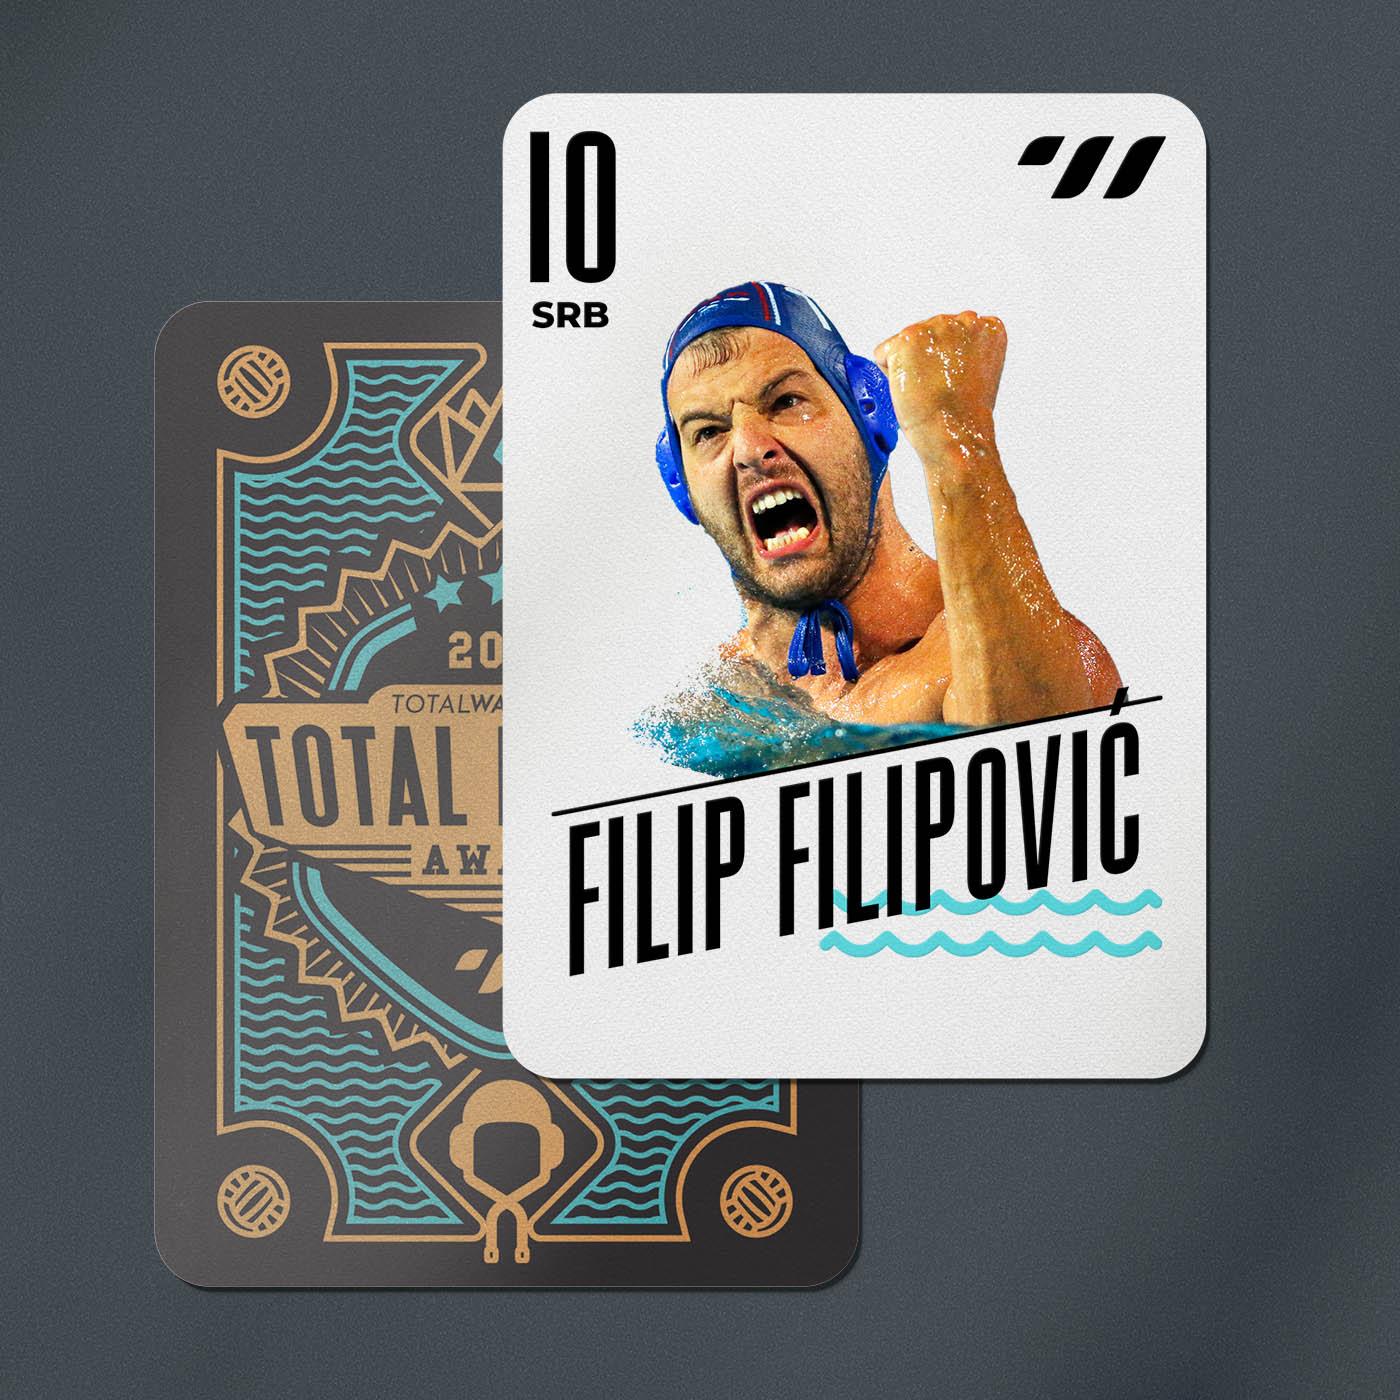 RIGHT SIDE - Filip Filipovic (SRB)